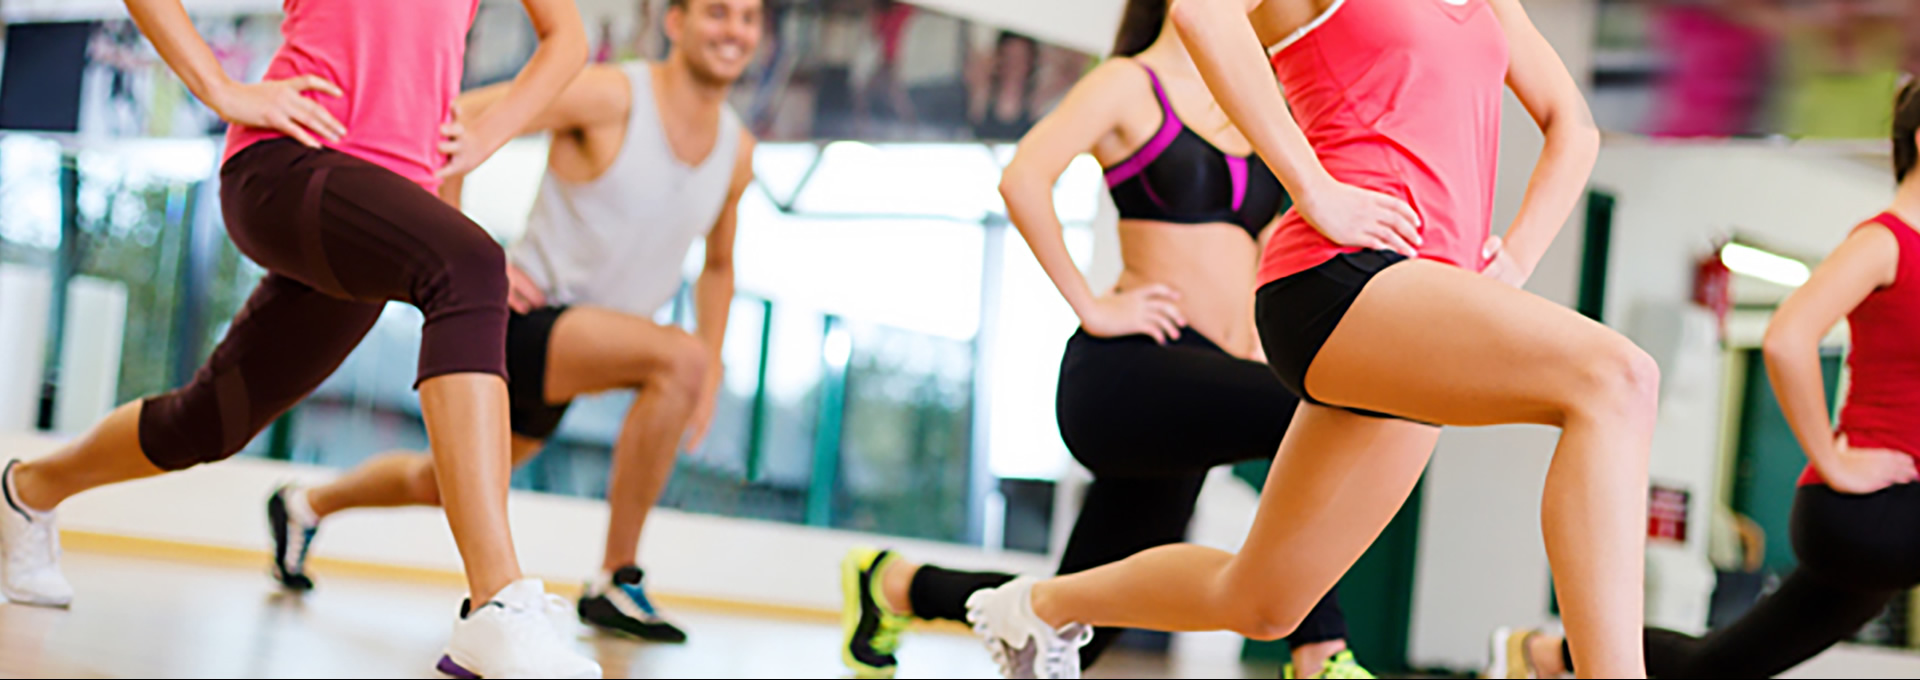 Bodylinefitnessclub, forma e benessere